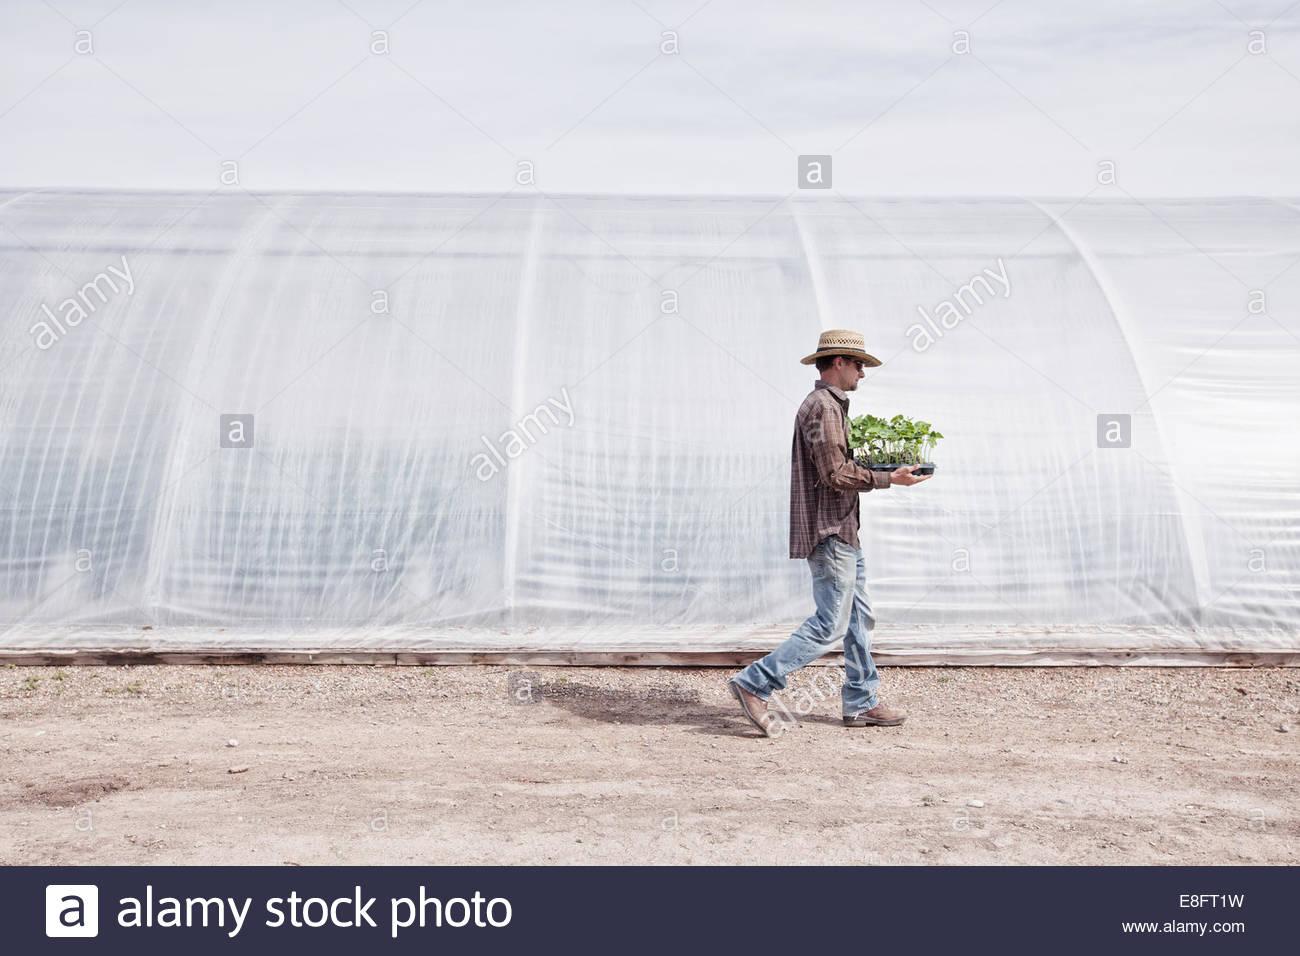 Man carrying tray de plantes sur une ferme biologique Photo Stock